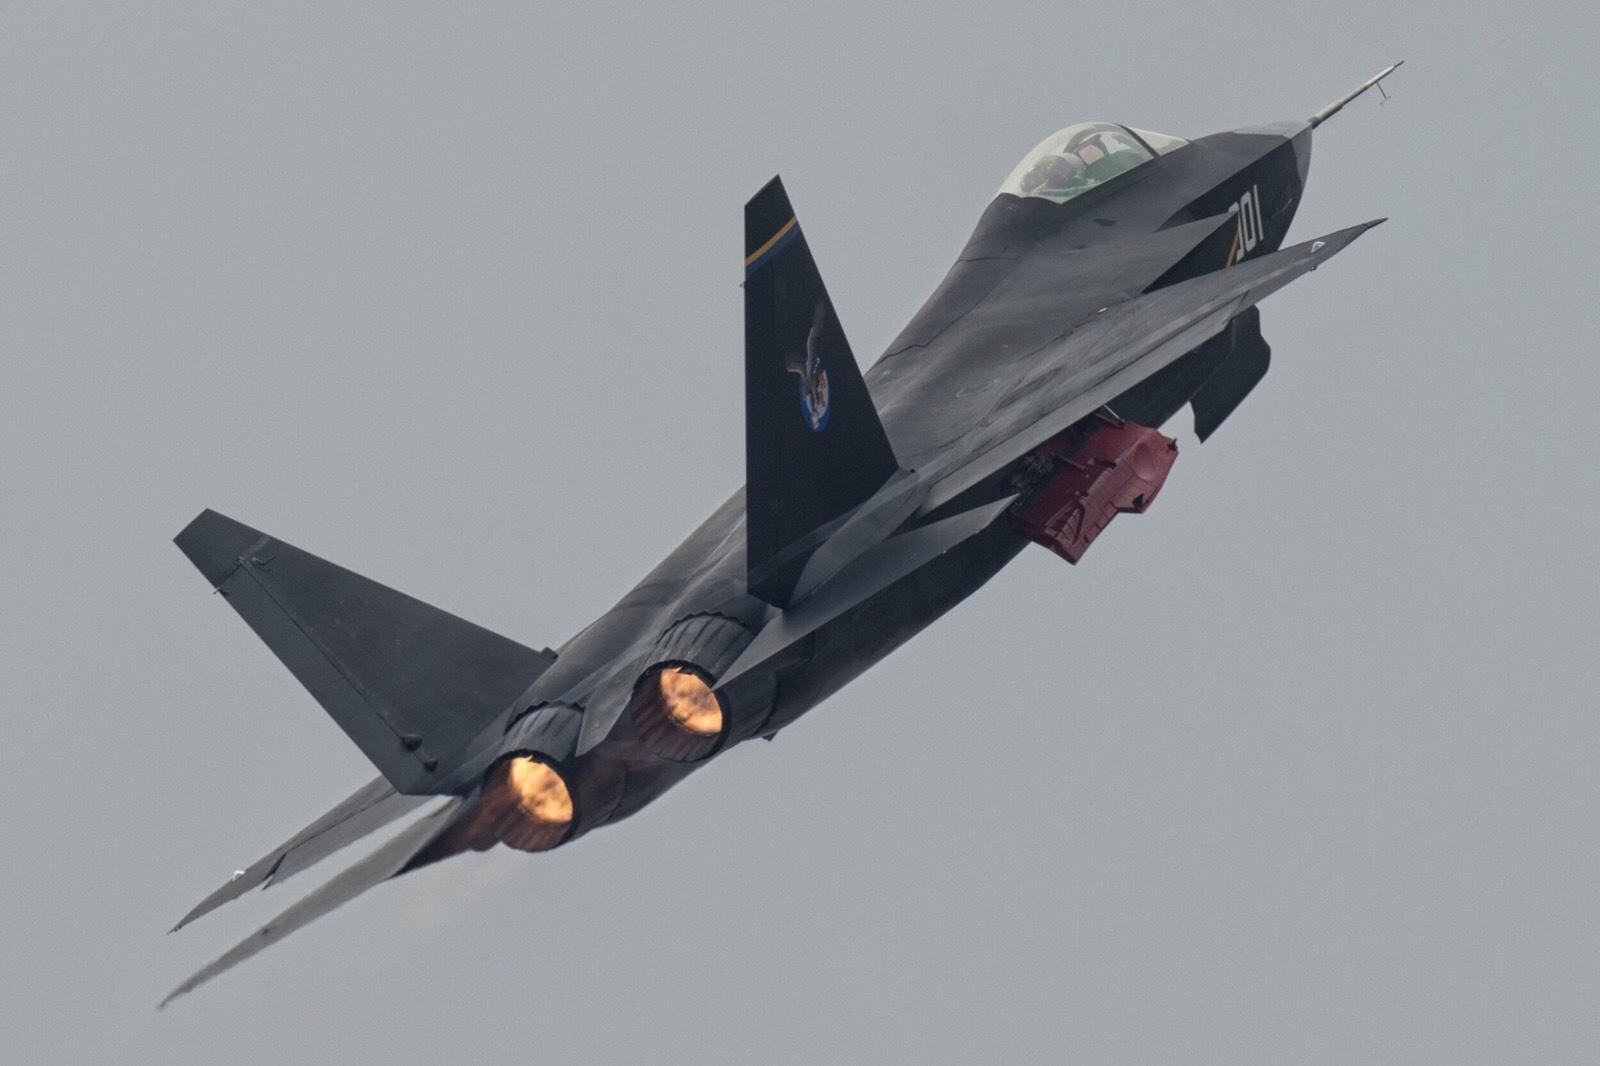 高清 歼31帅气比肩F35 发动机清晰可见